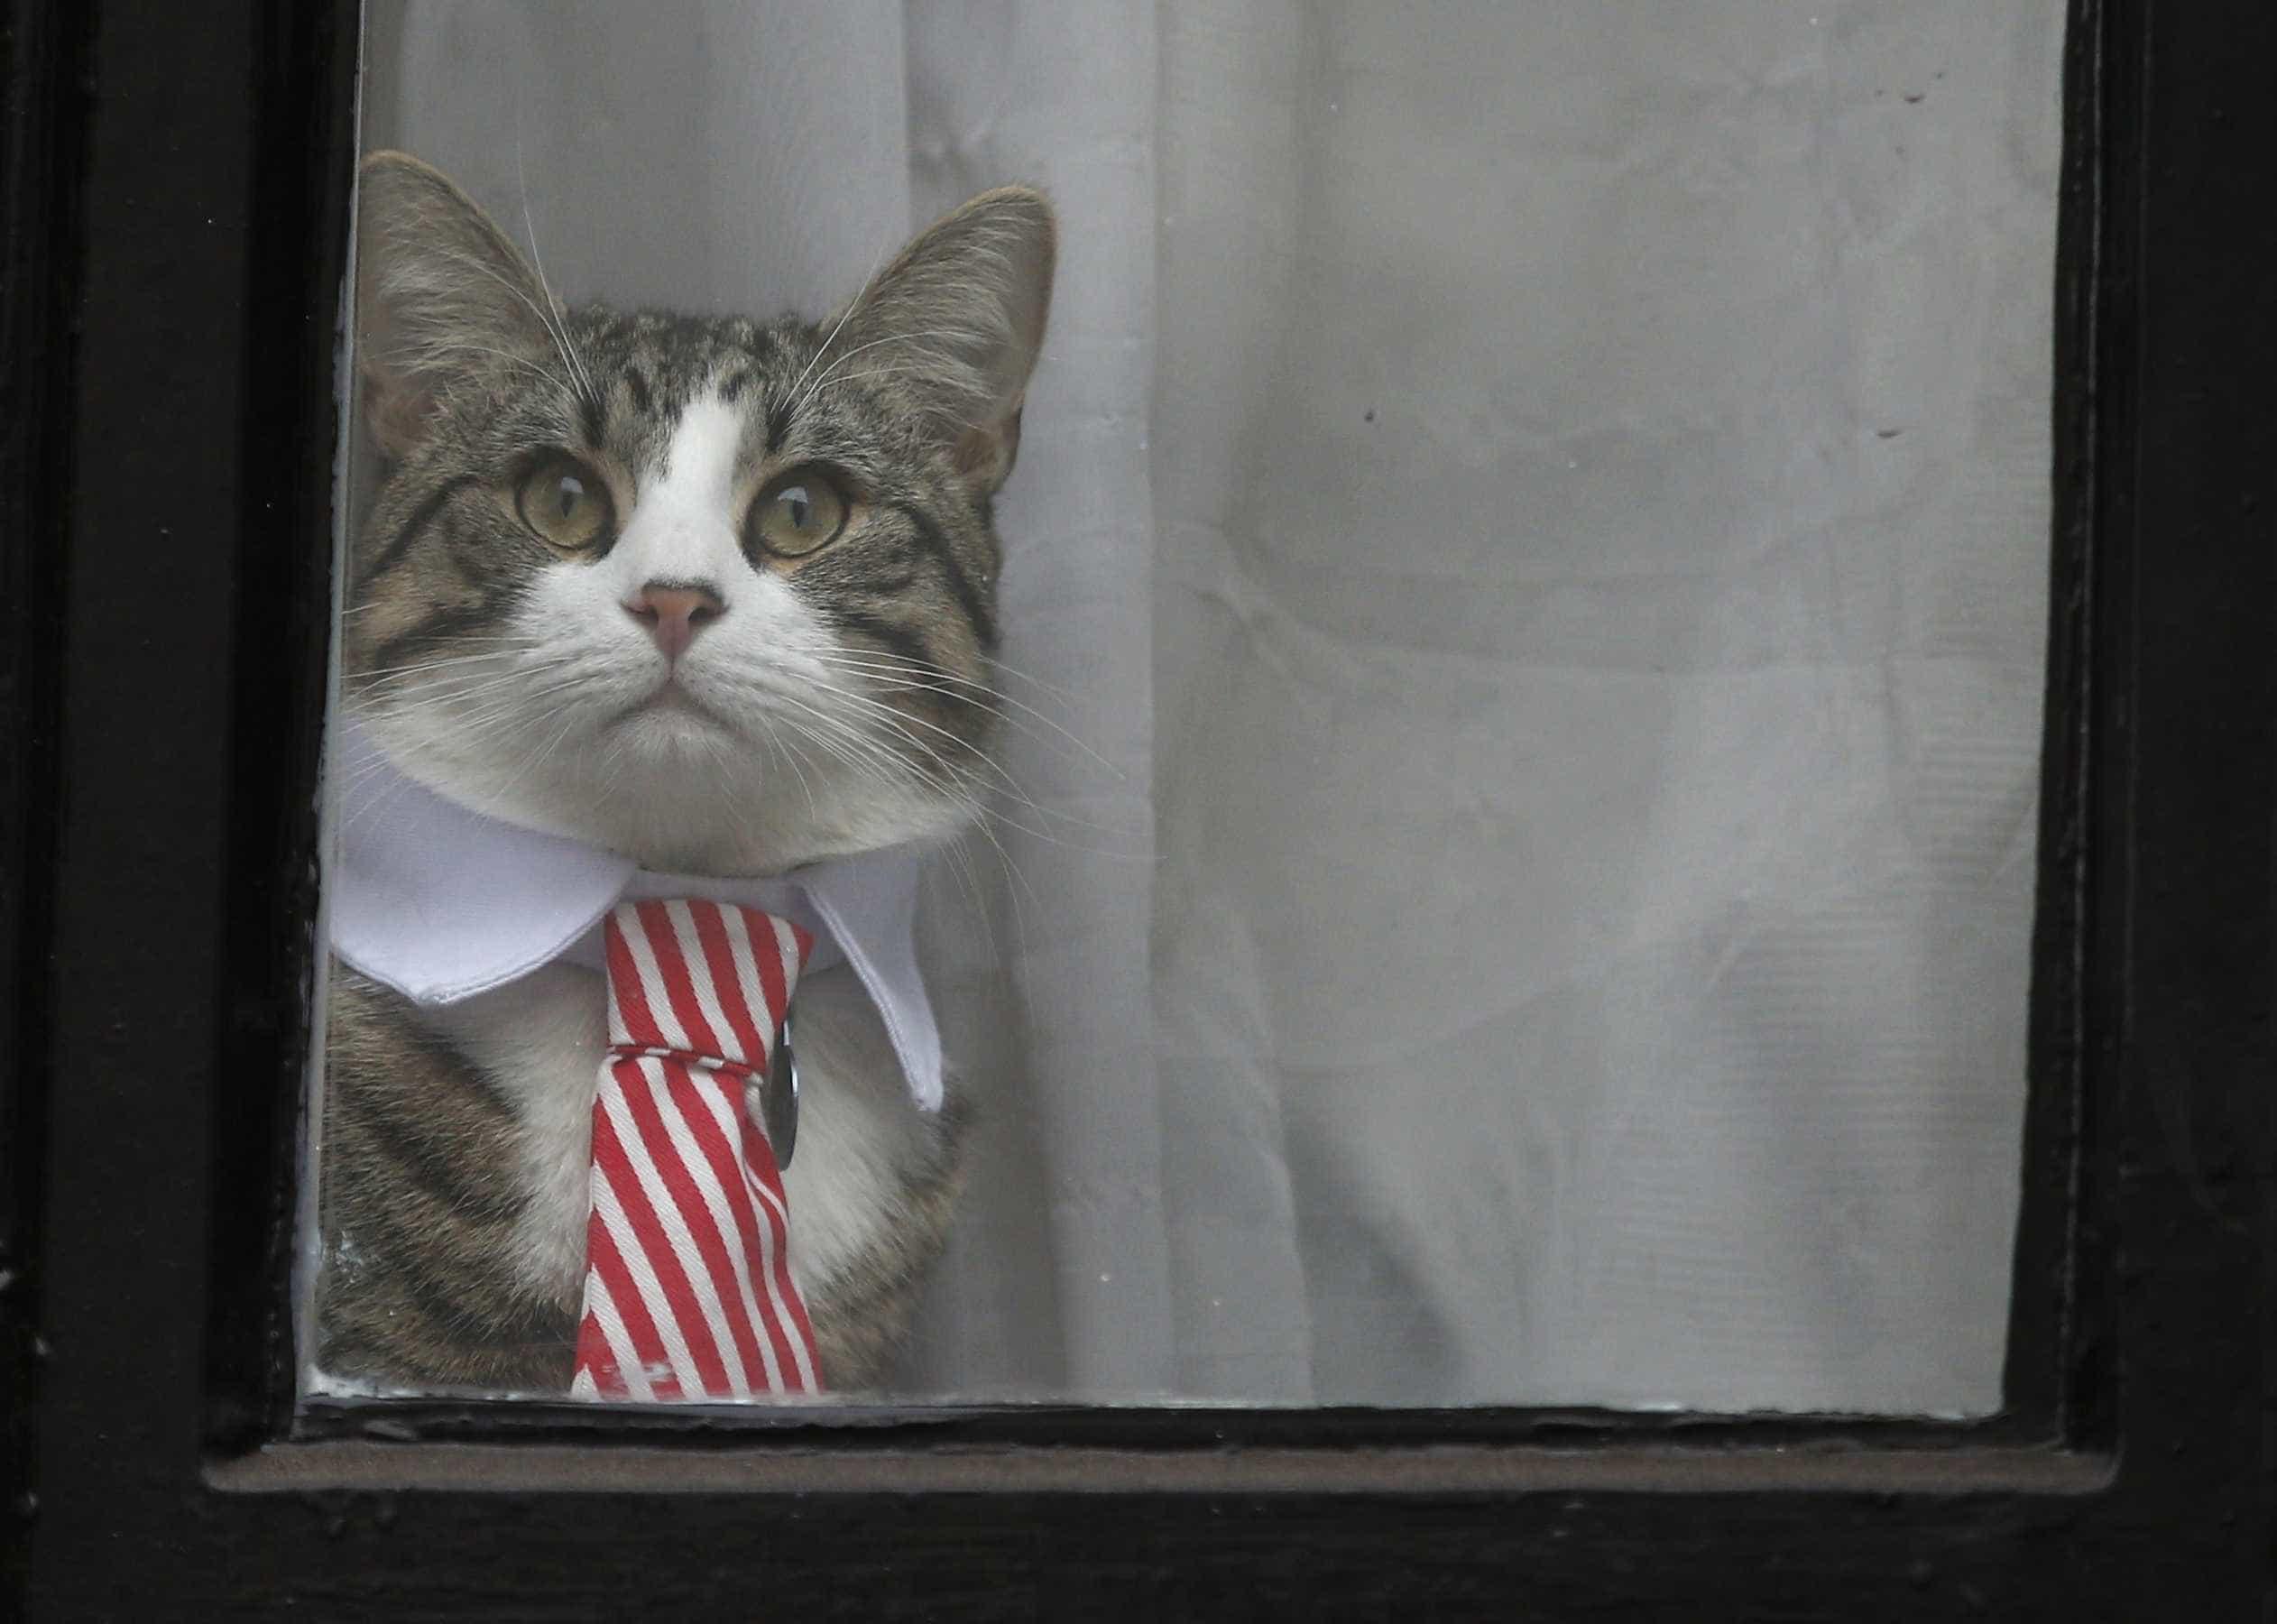 Assange 'aconselhado' a cuidar melhor do gato e a limpar a casa de banho